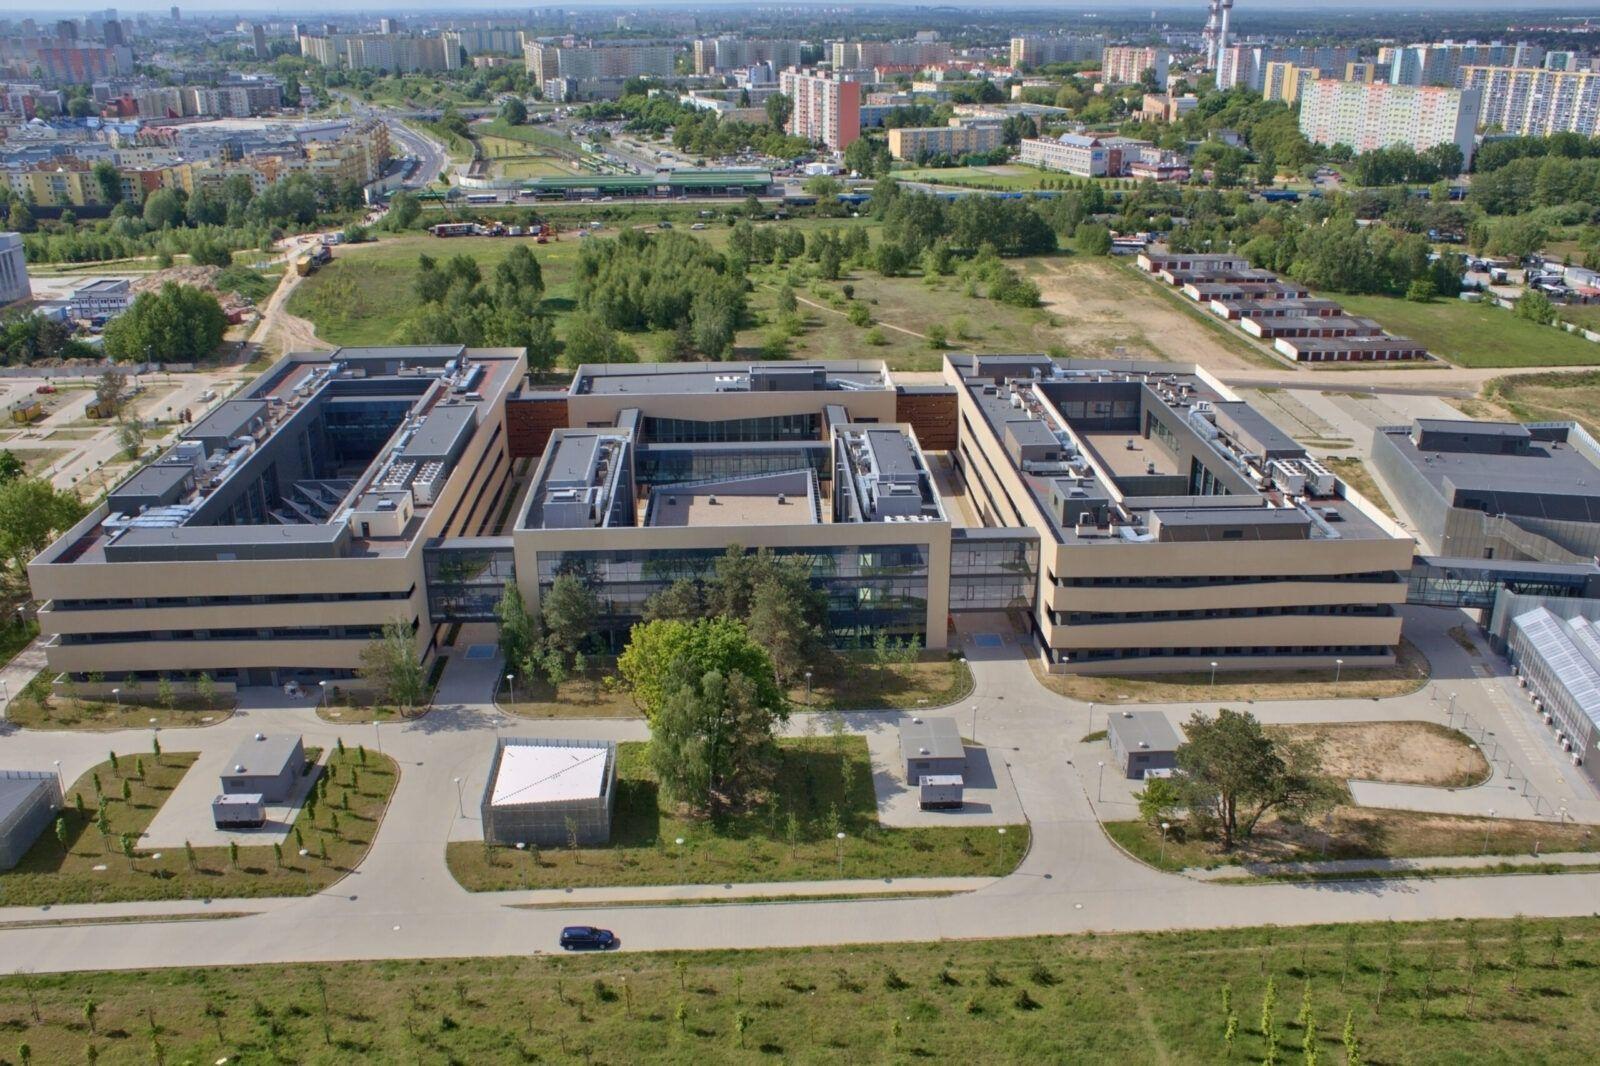 Wielkopolskie Centrum Zaawansowanych Technologii: Naukowy partner biznesu